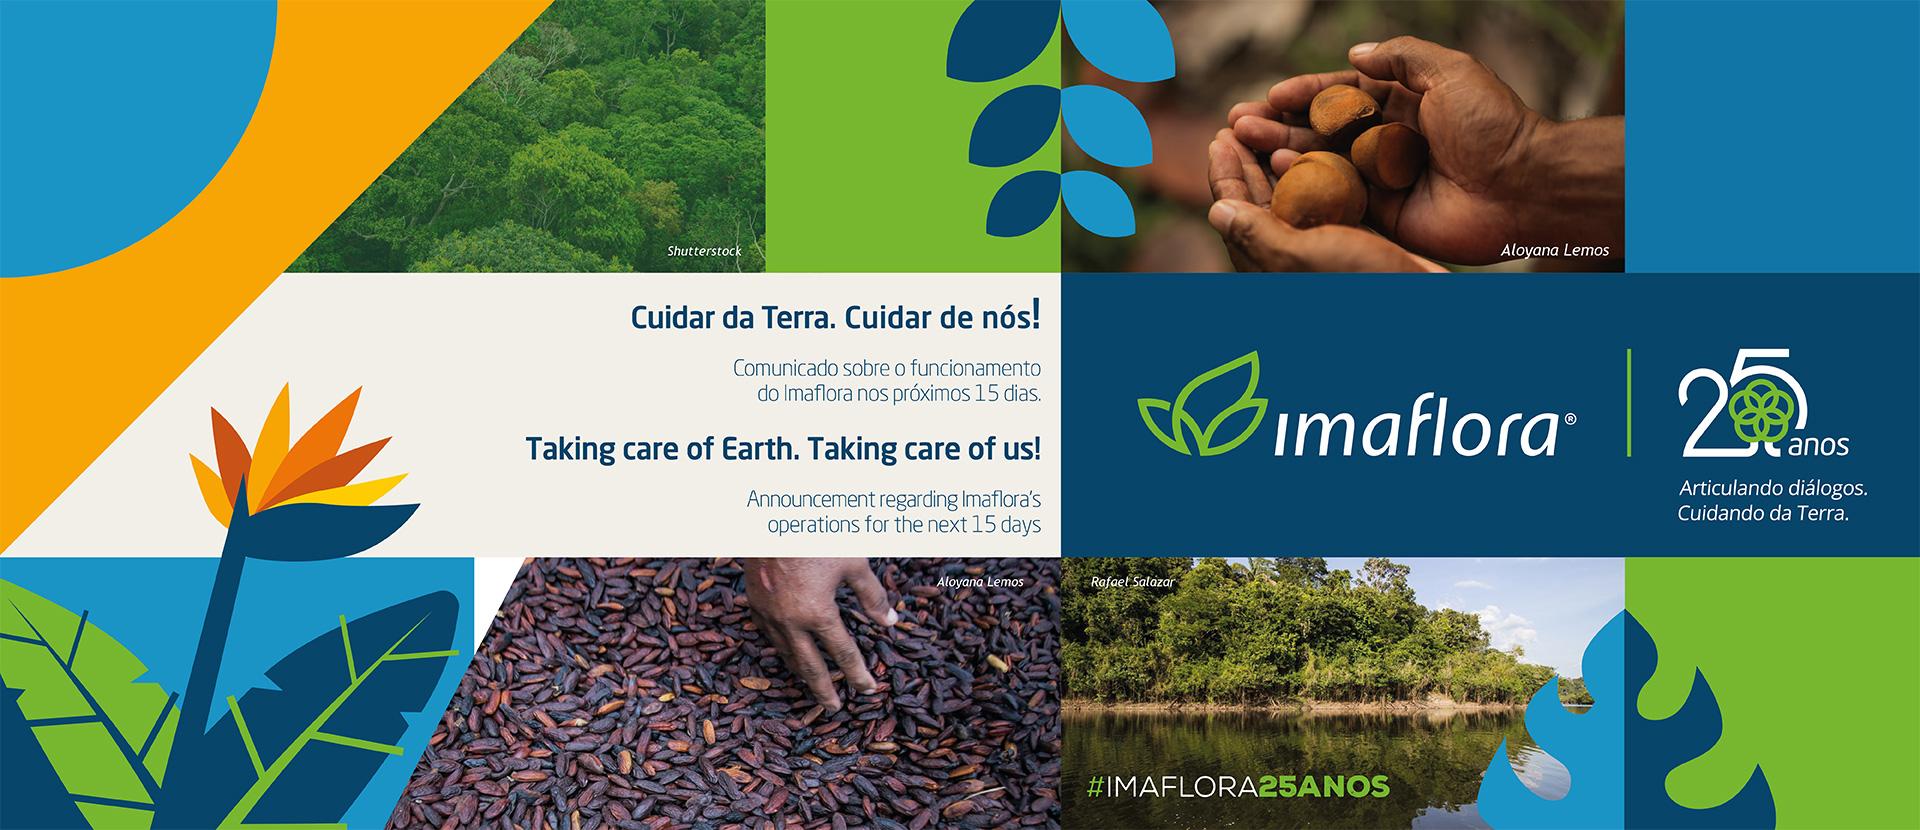 Imaflora - Informativo